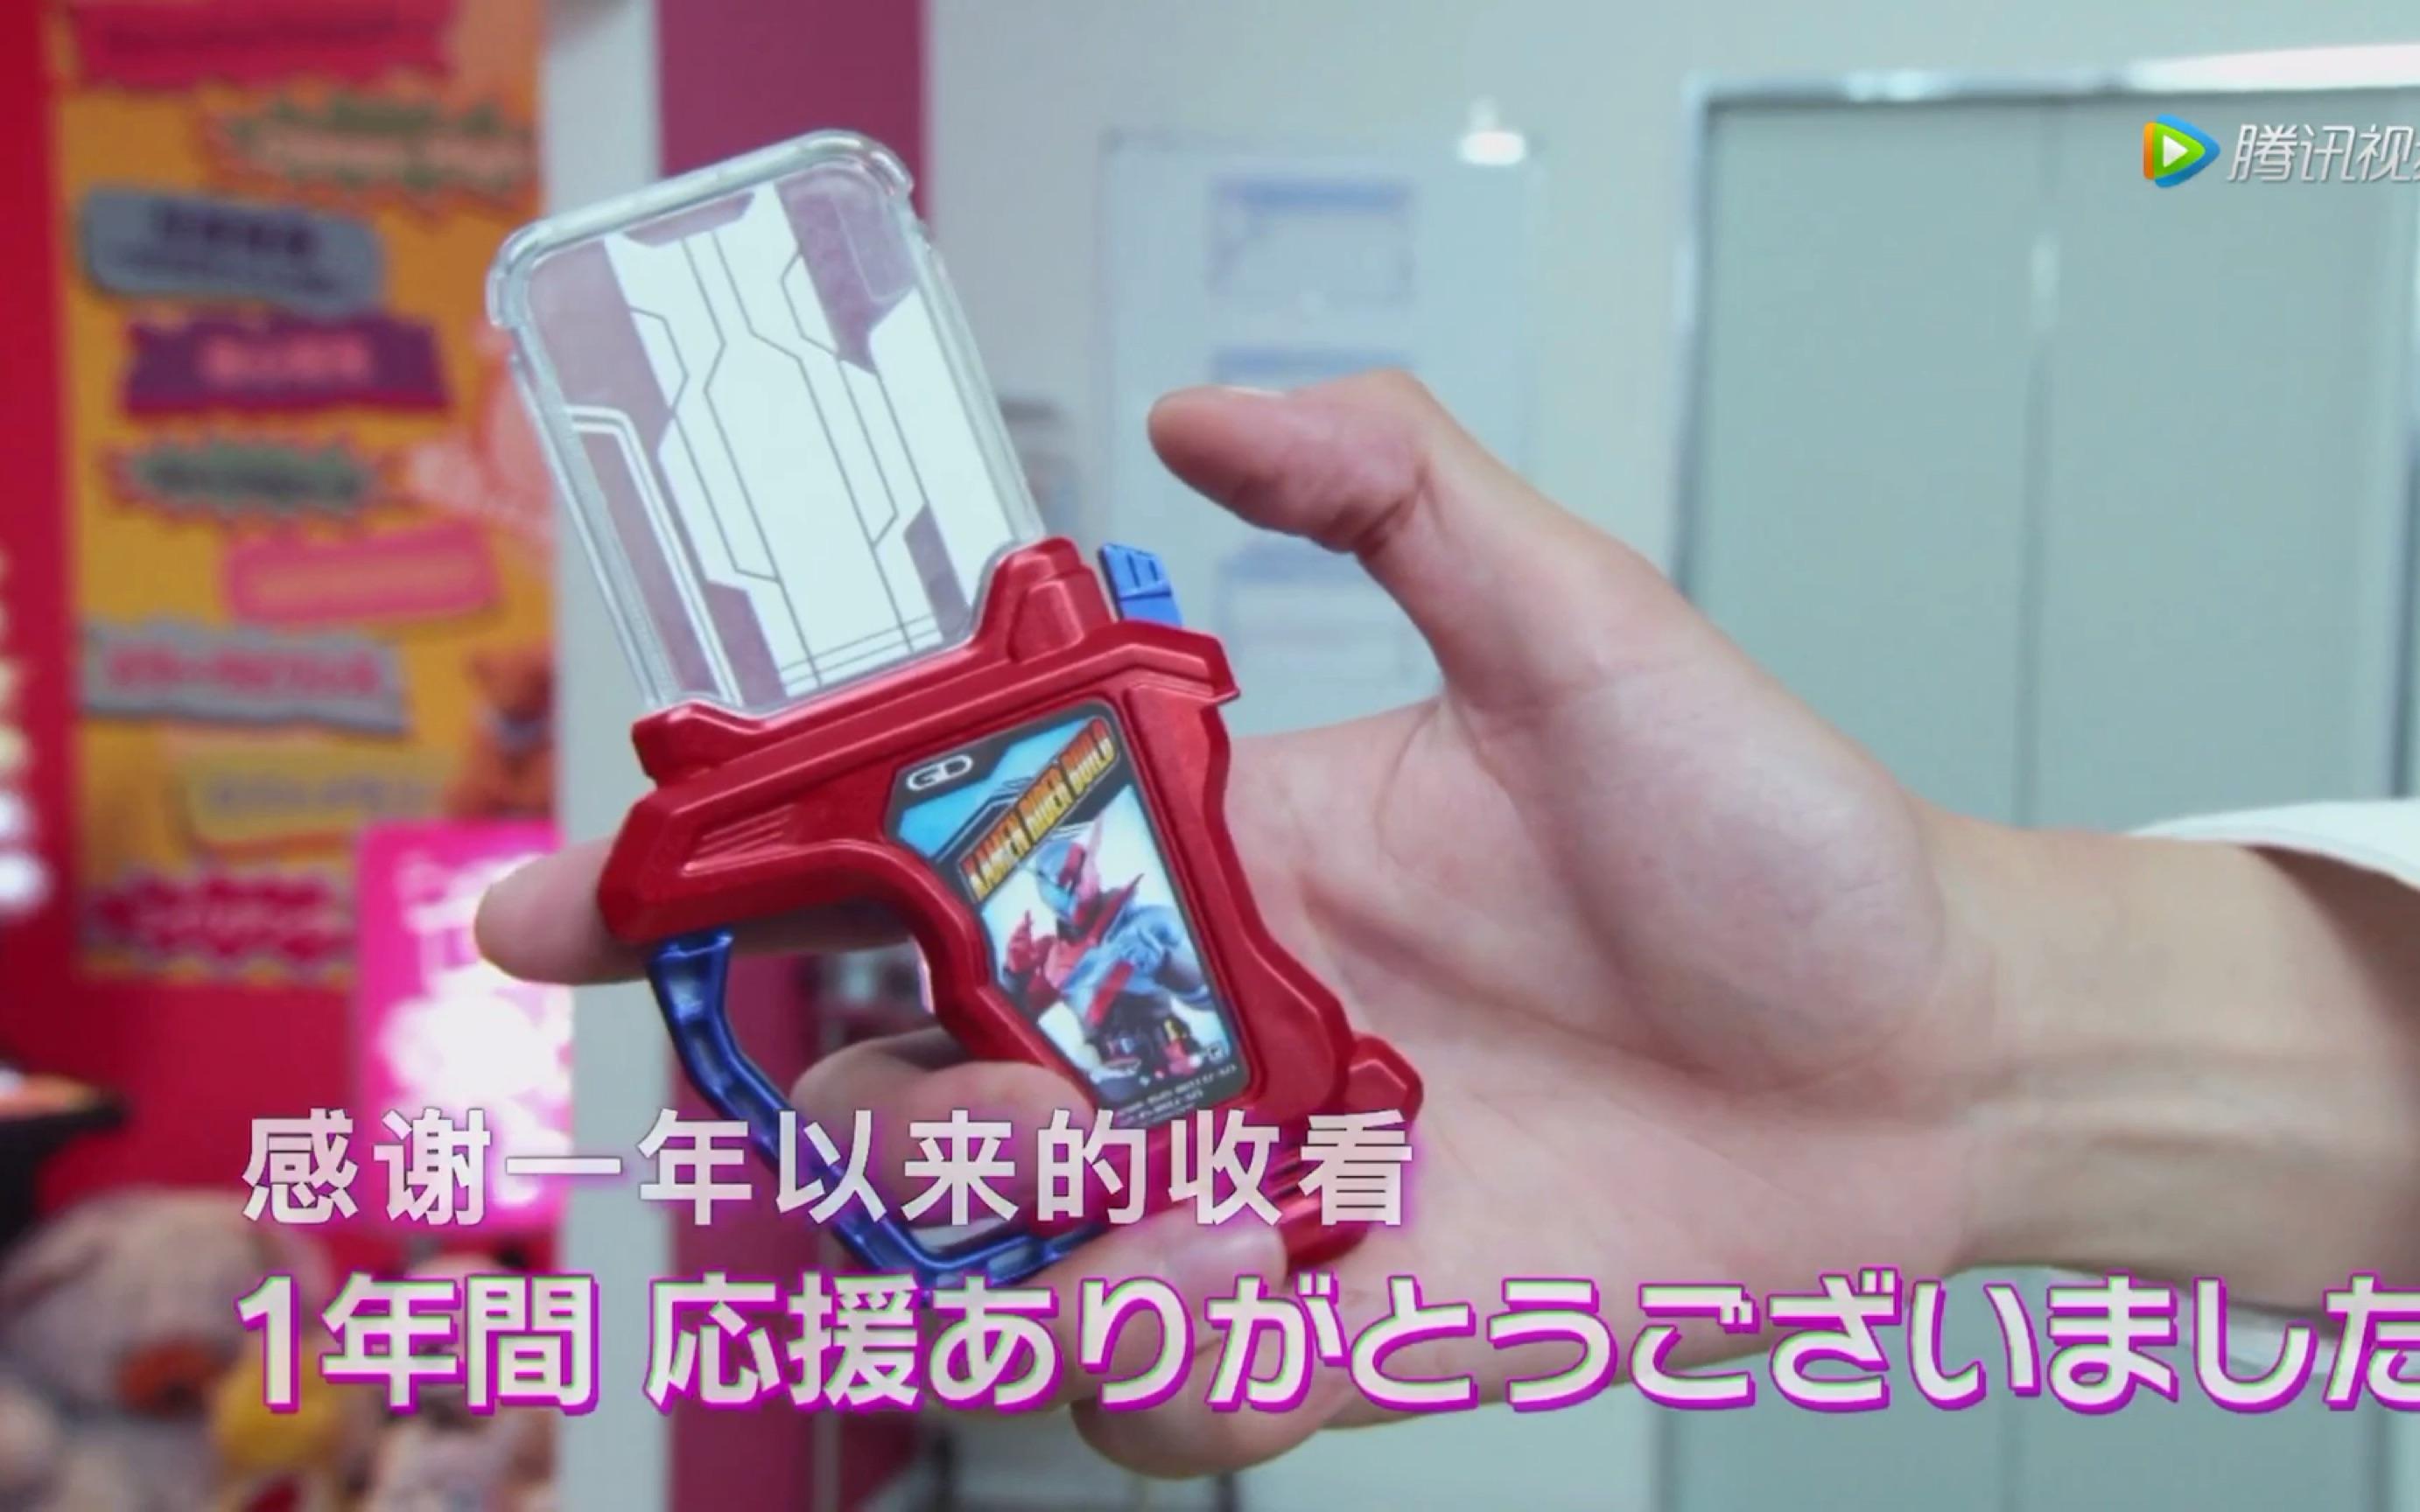 假面骑士TV新十年结尾彩蛋【W-Build】